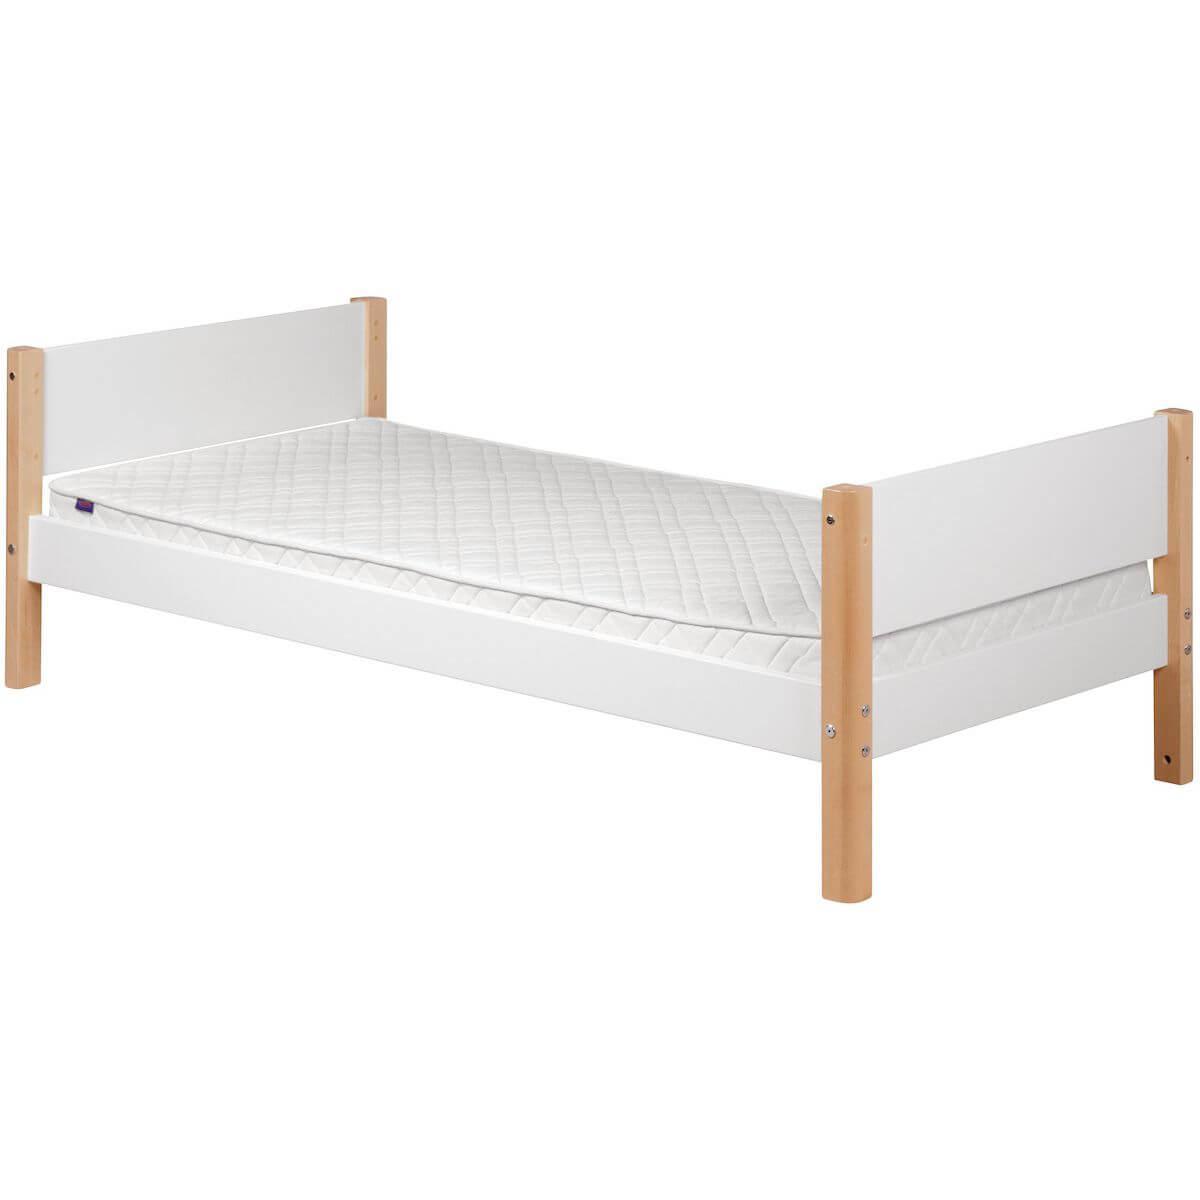 WHITE by Flexa Lit simple 90x190 cm en MDF avec pieds en bouleau